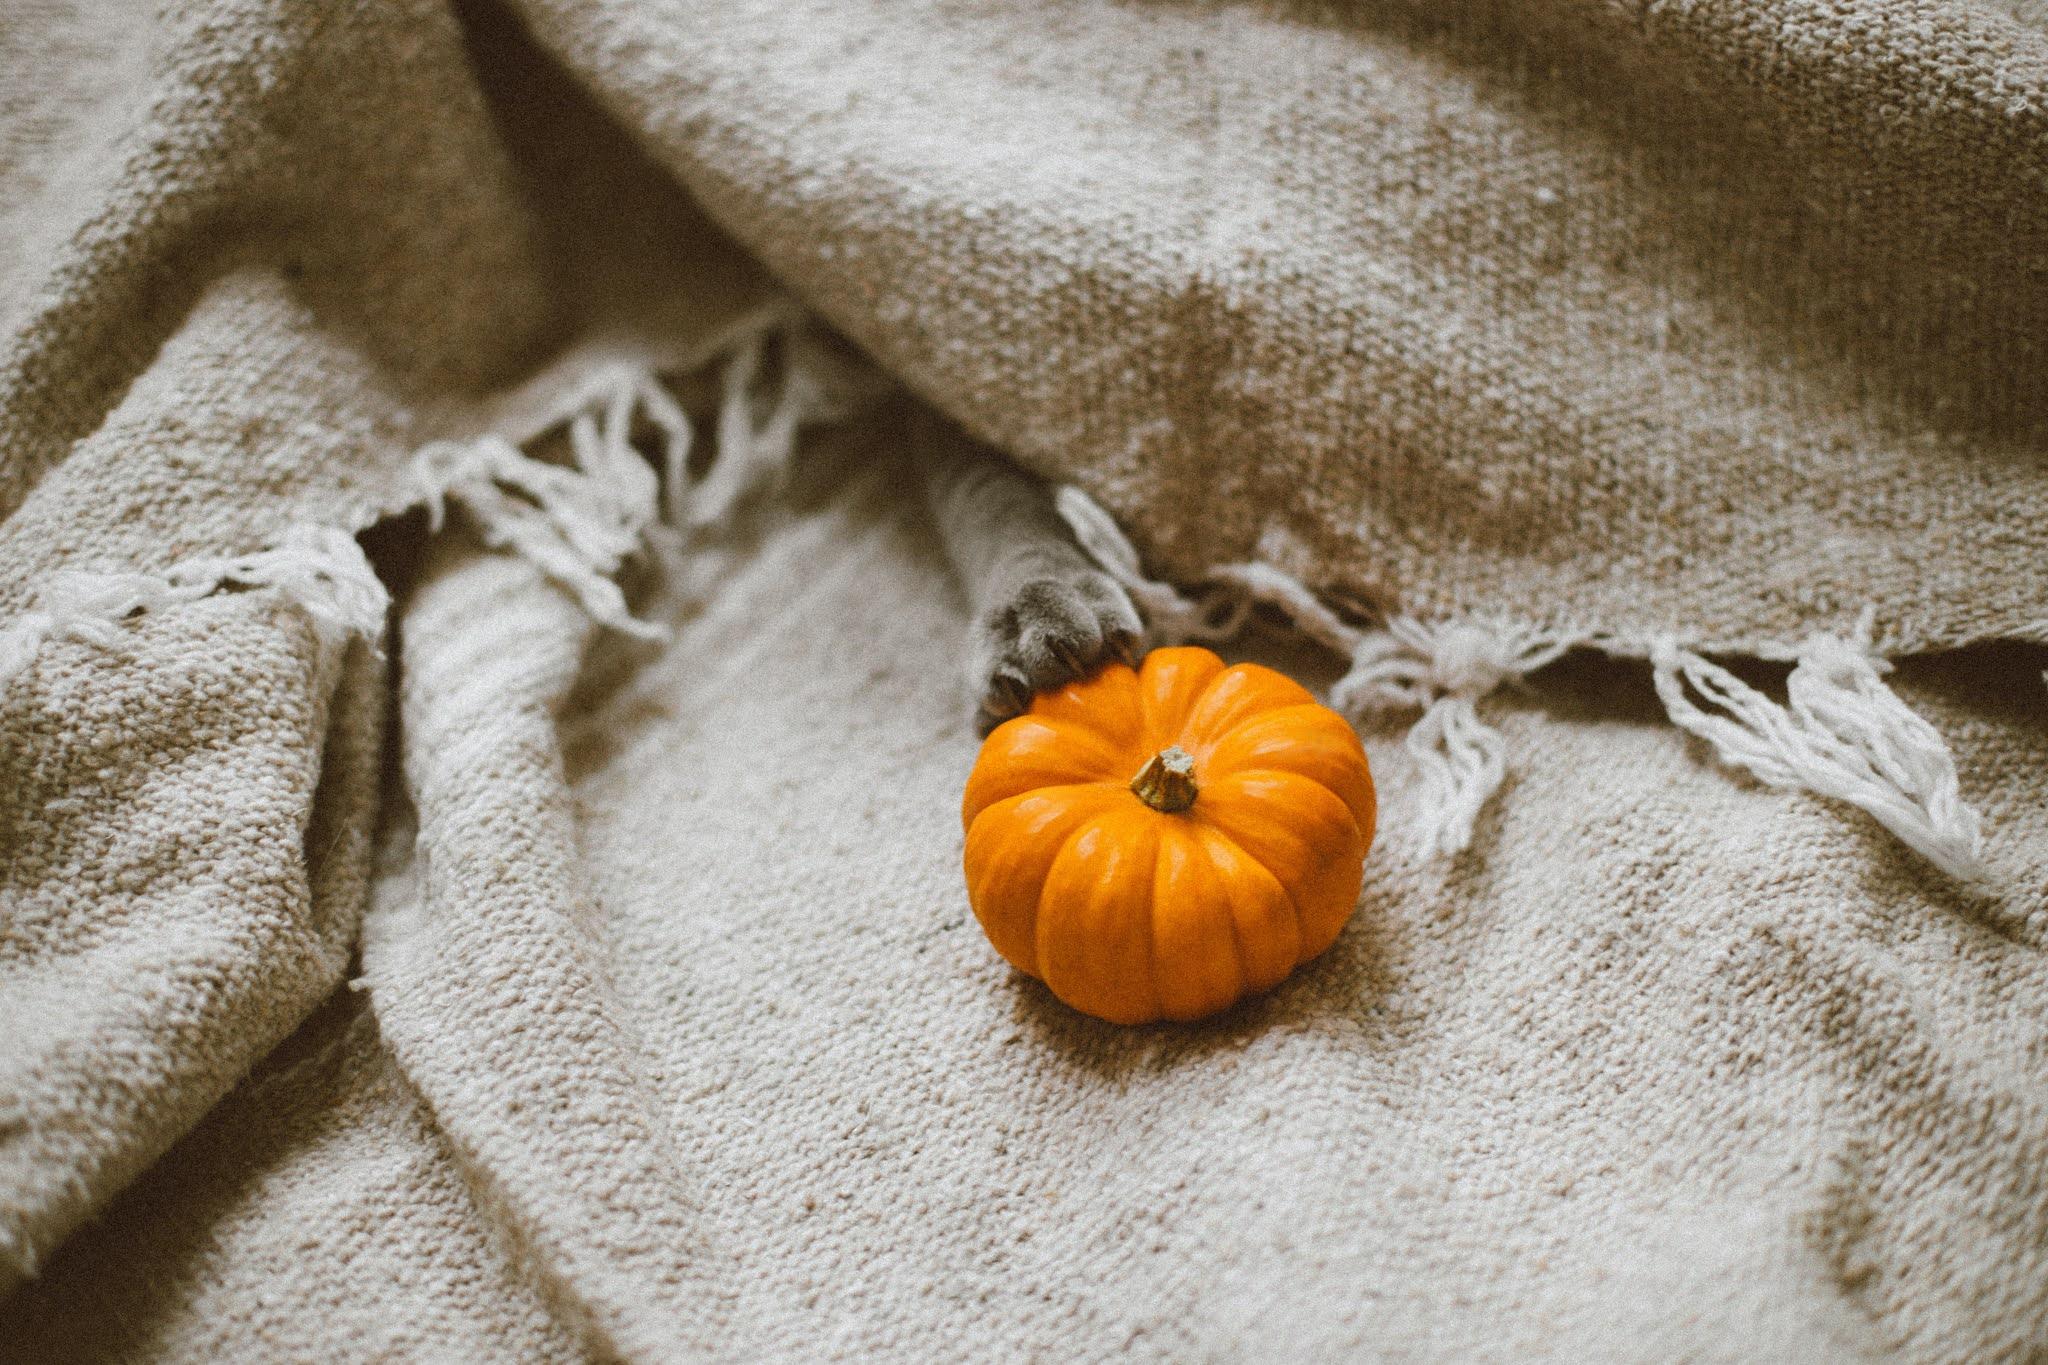 Kleine, oranje pompoen op een wit kleed.